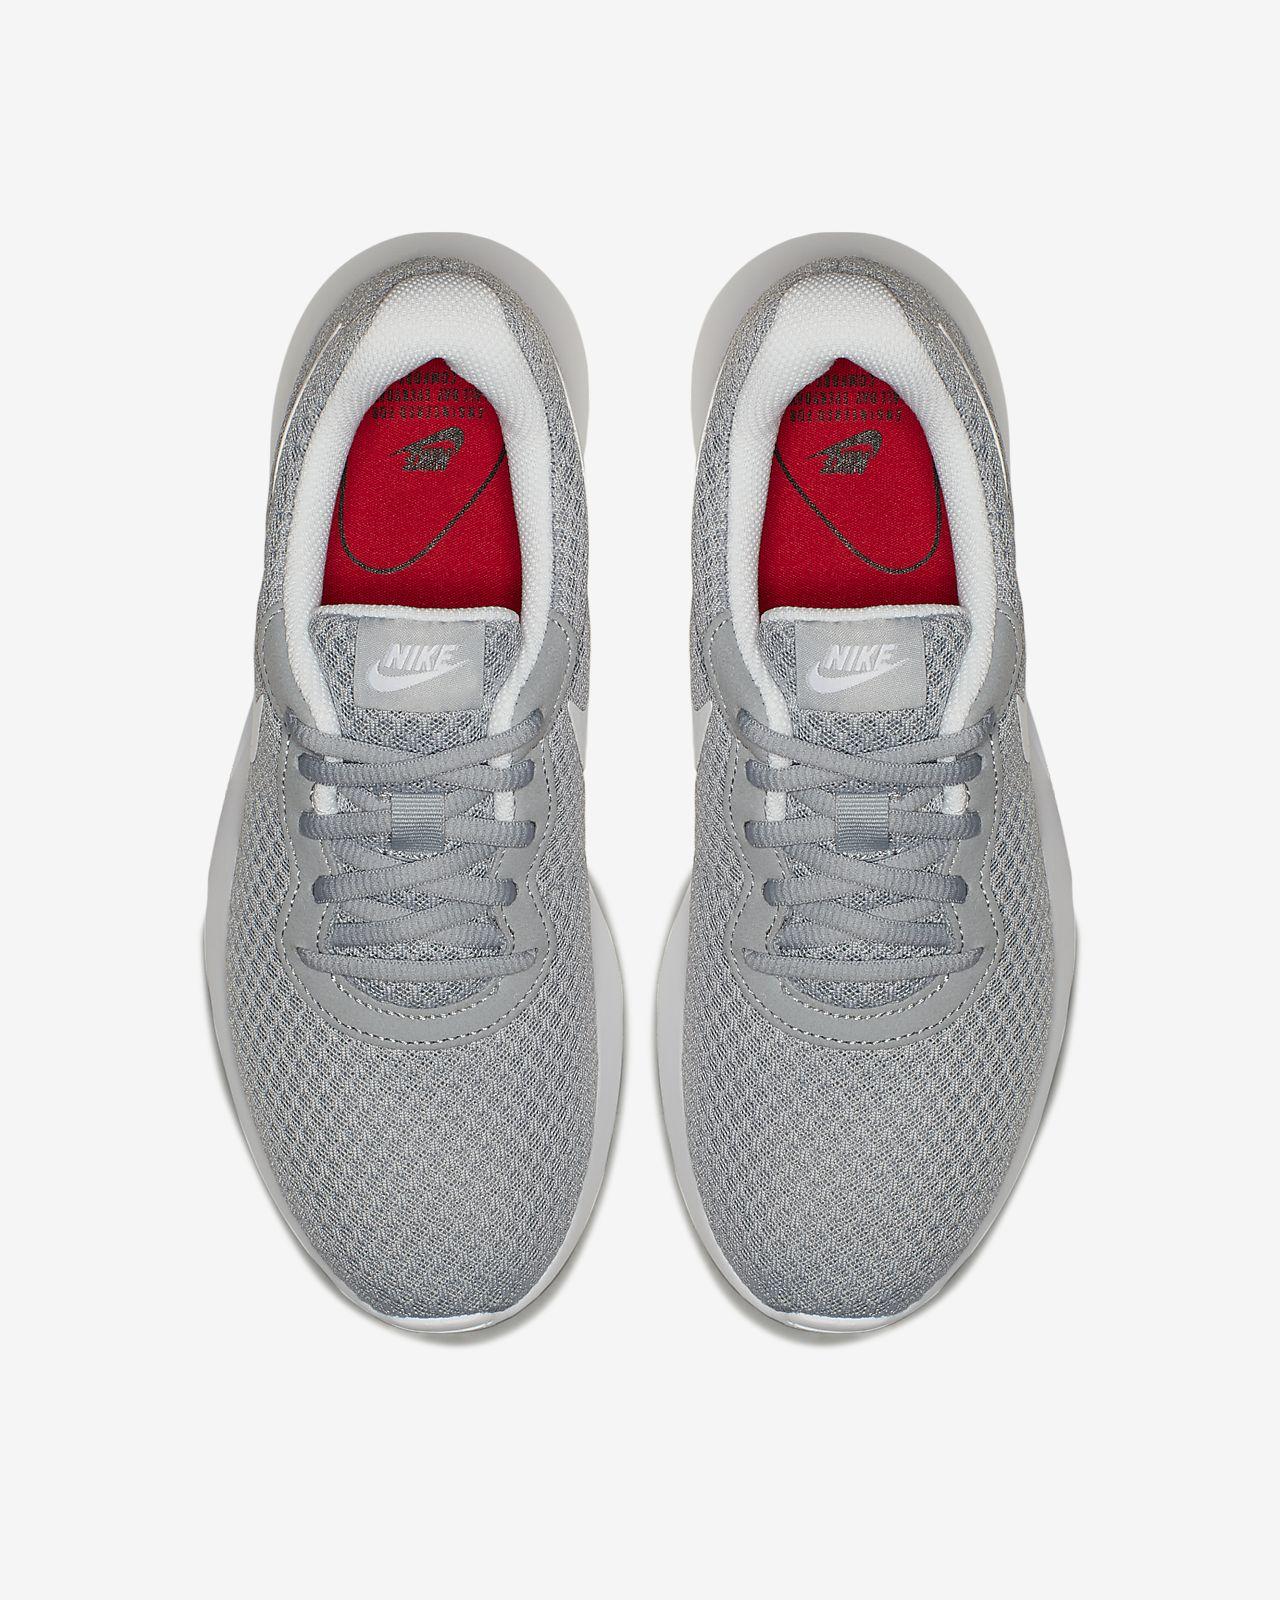 Original Nike Viale Roshe Run 5 Sport Running Shoes Women Men Ultra Light Mesh Breathable Jogging Shoes 36 44